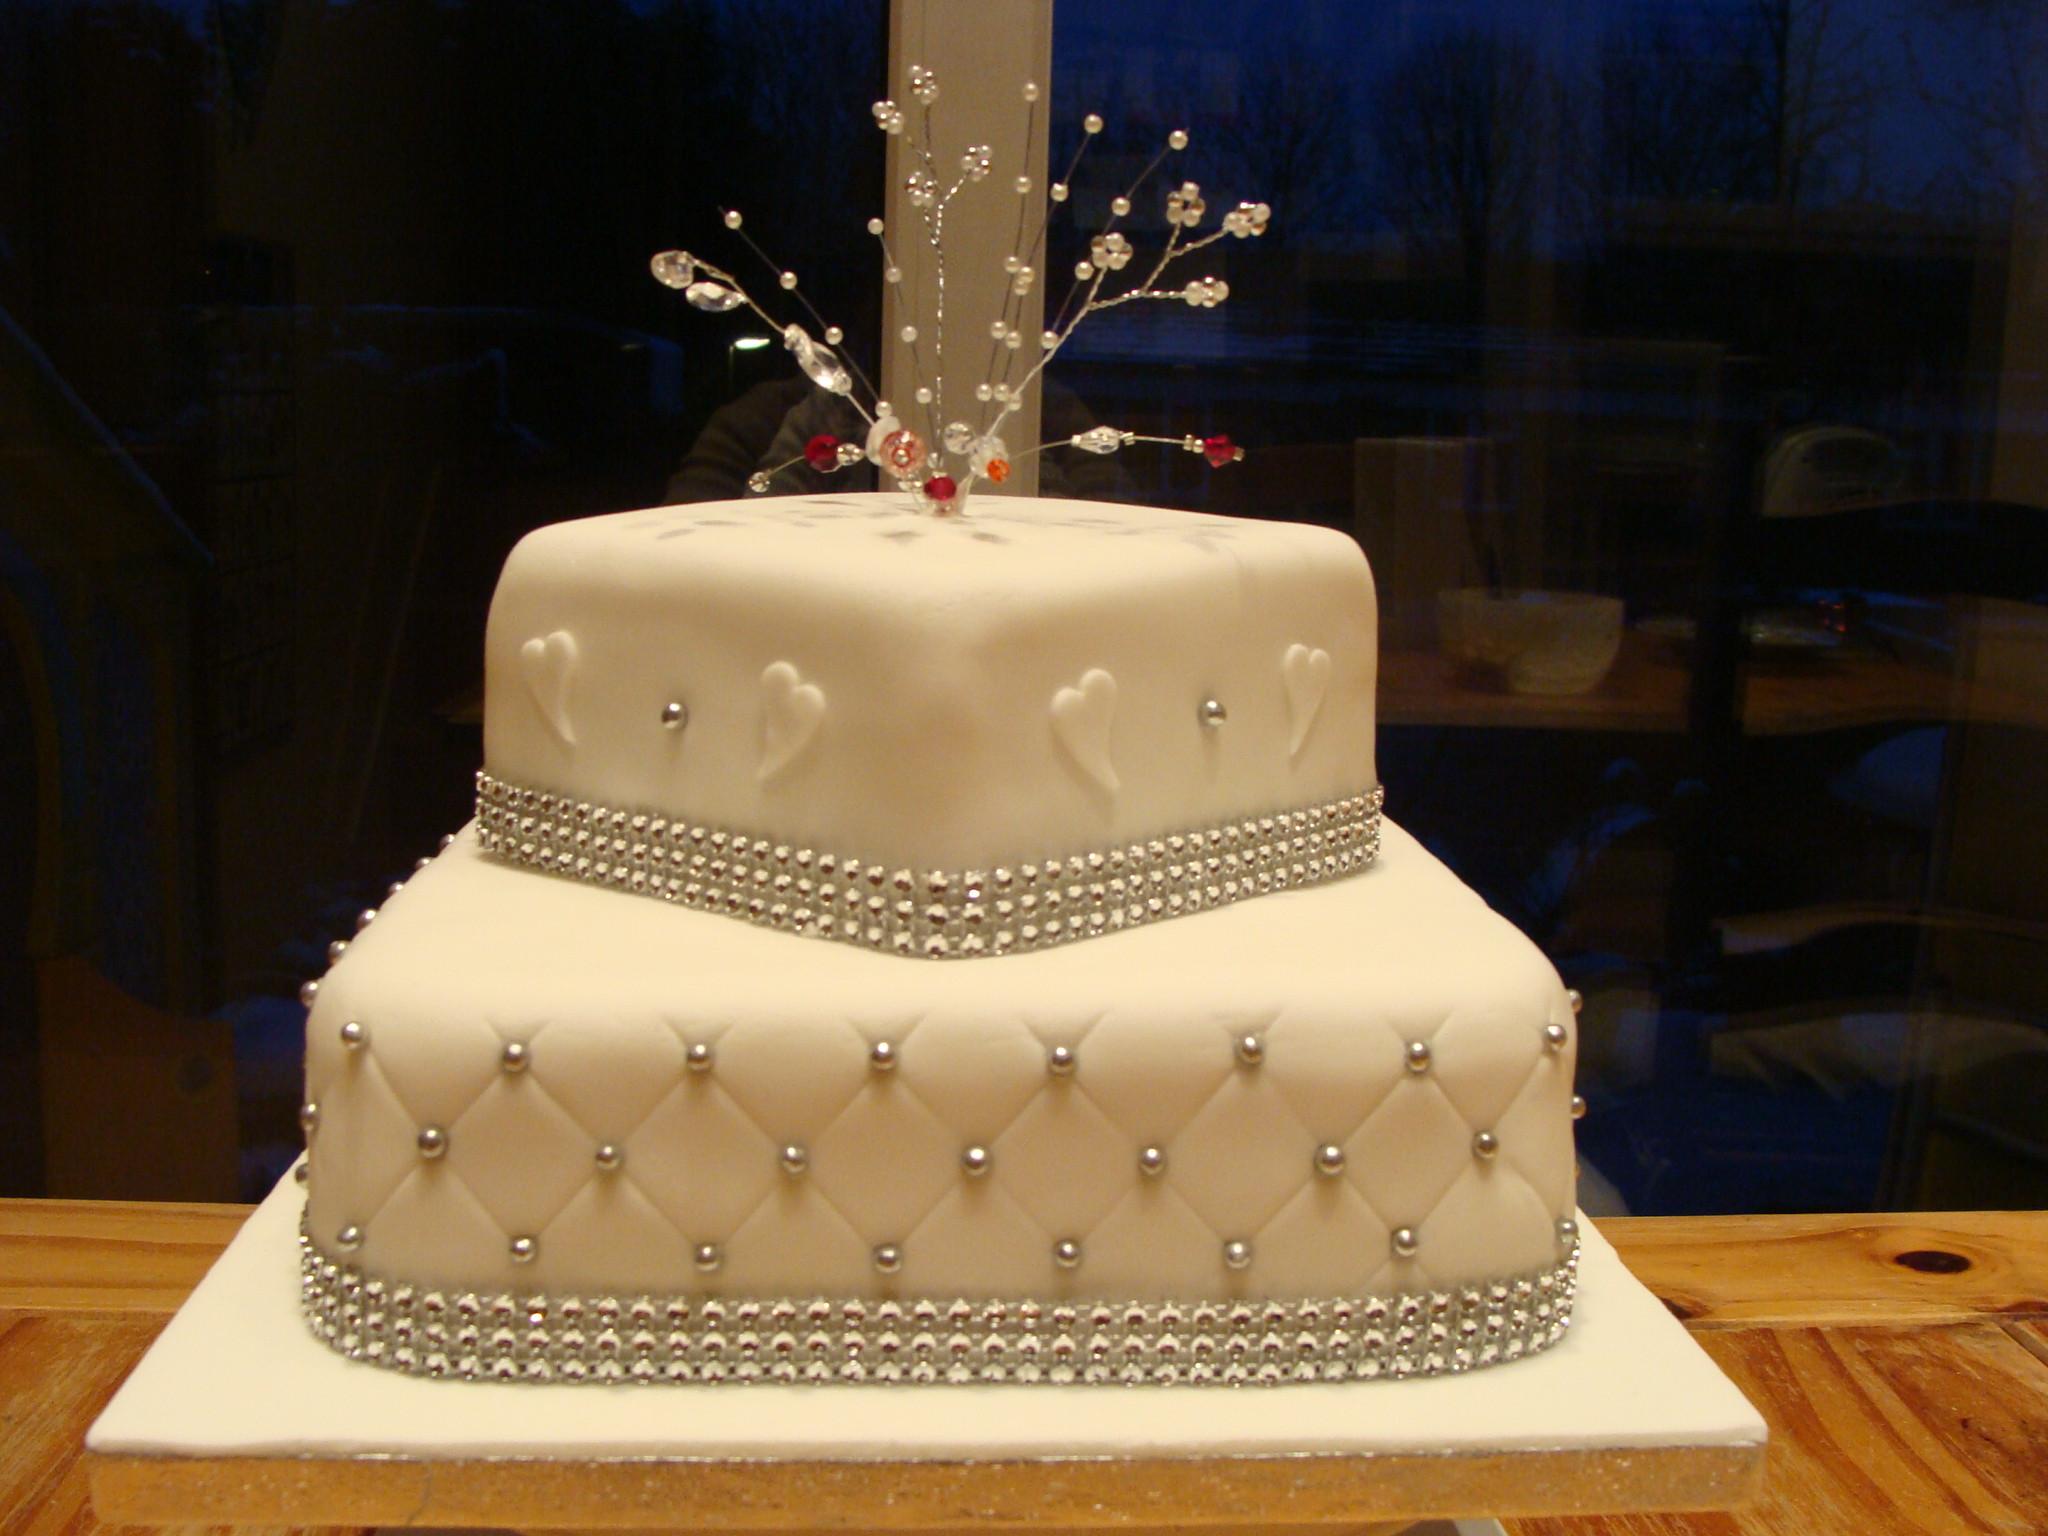 Diamond Wedding Cakes  Top 15 Lovely Diamond Cakes Page 7 of 15